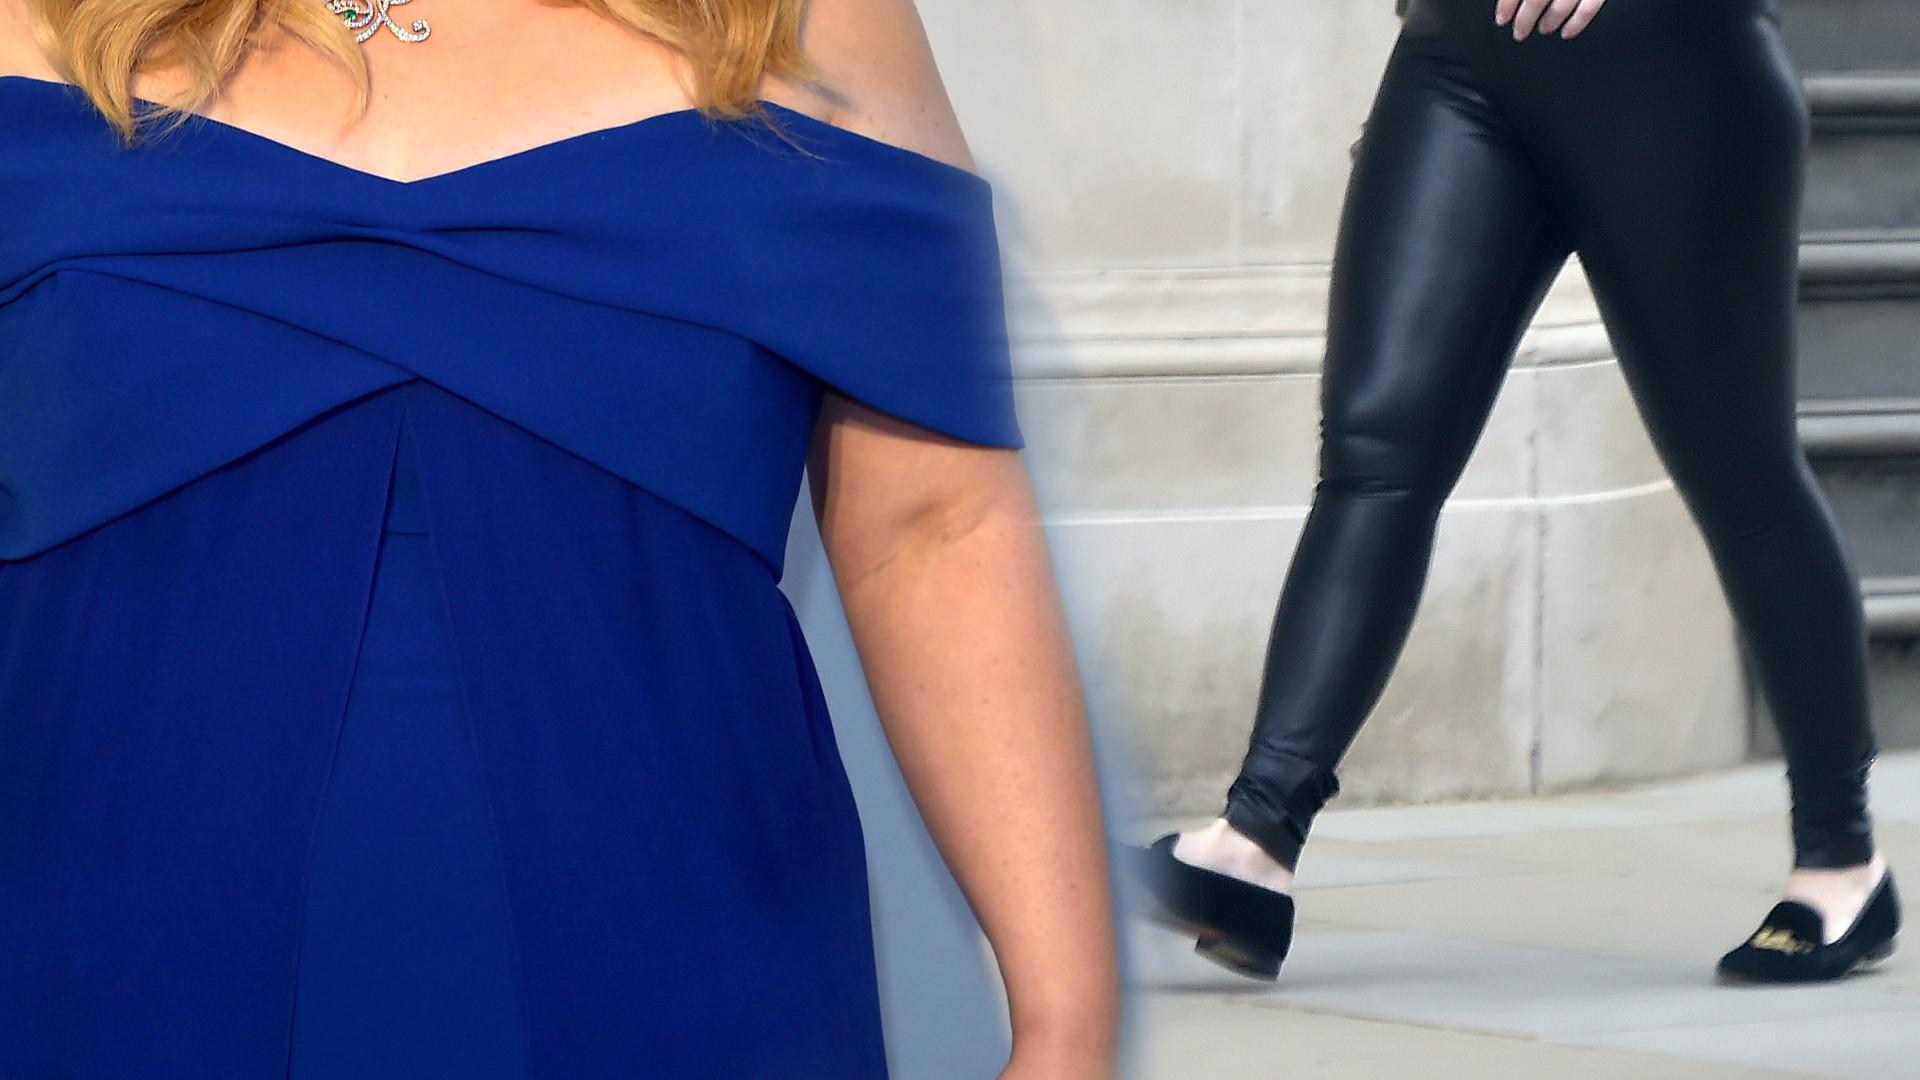 Metamorfoza godna Adele! Ta aktorka schudła 30 kg i pochwaliła się nową sylwetką w skórzanych legginsach